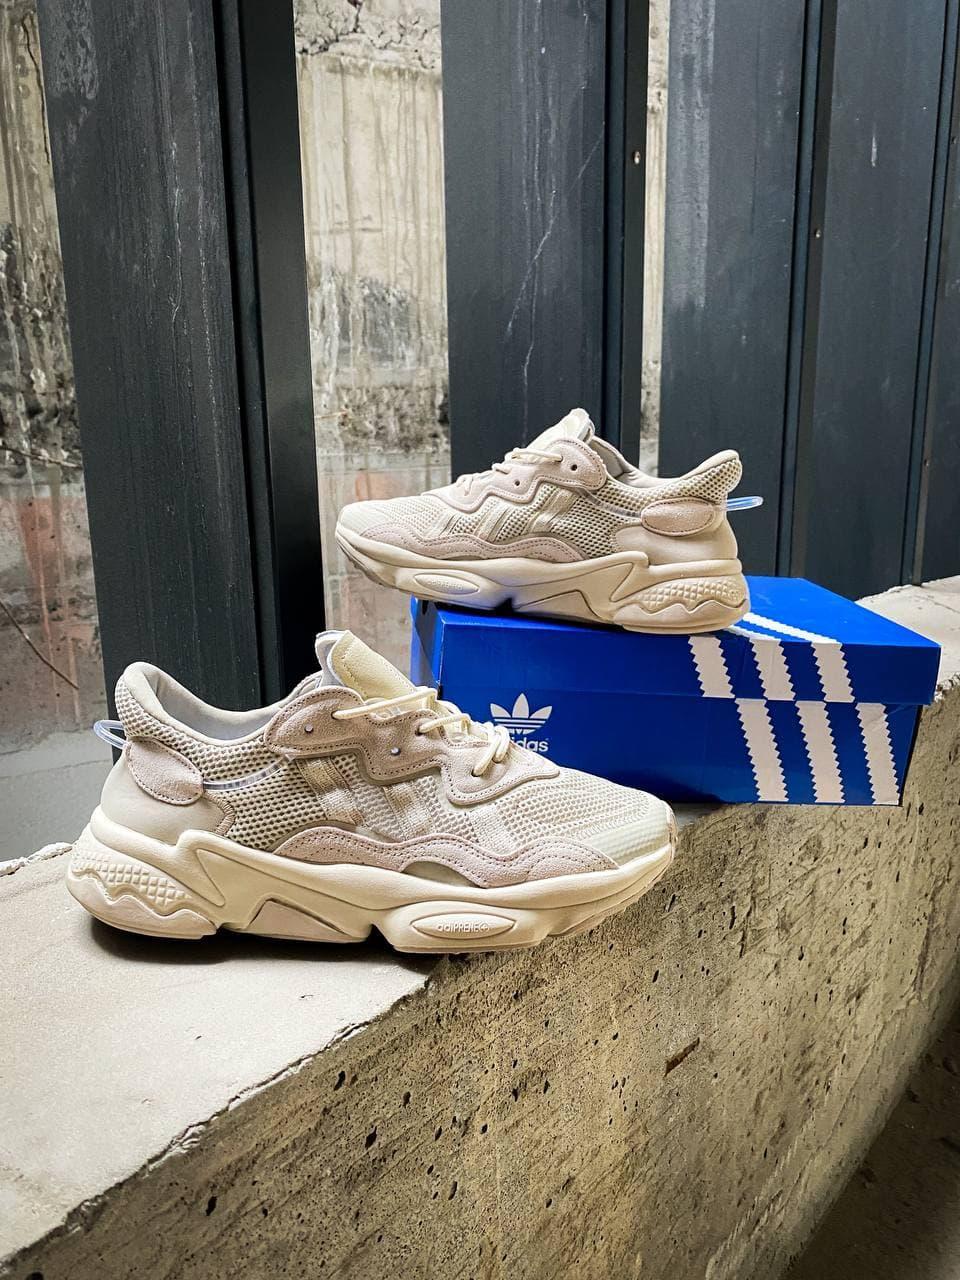 Женские кроссовки Adidas Ozweego Beige (бежевые) К3700 повседневные крутые кроссы